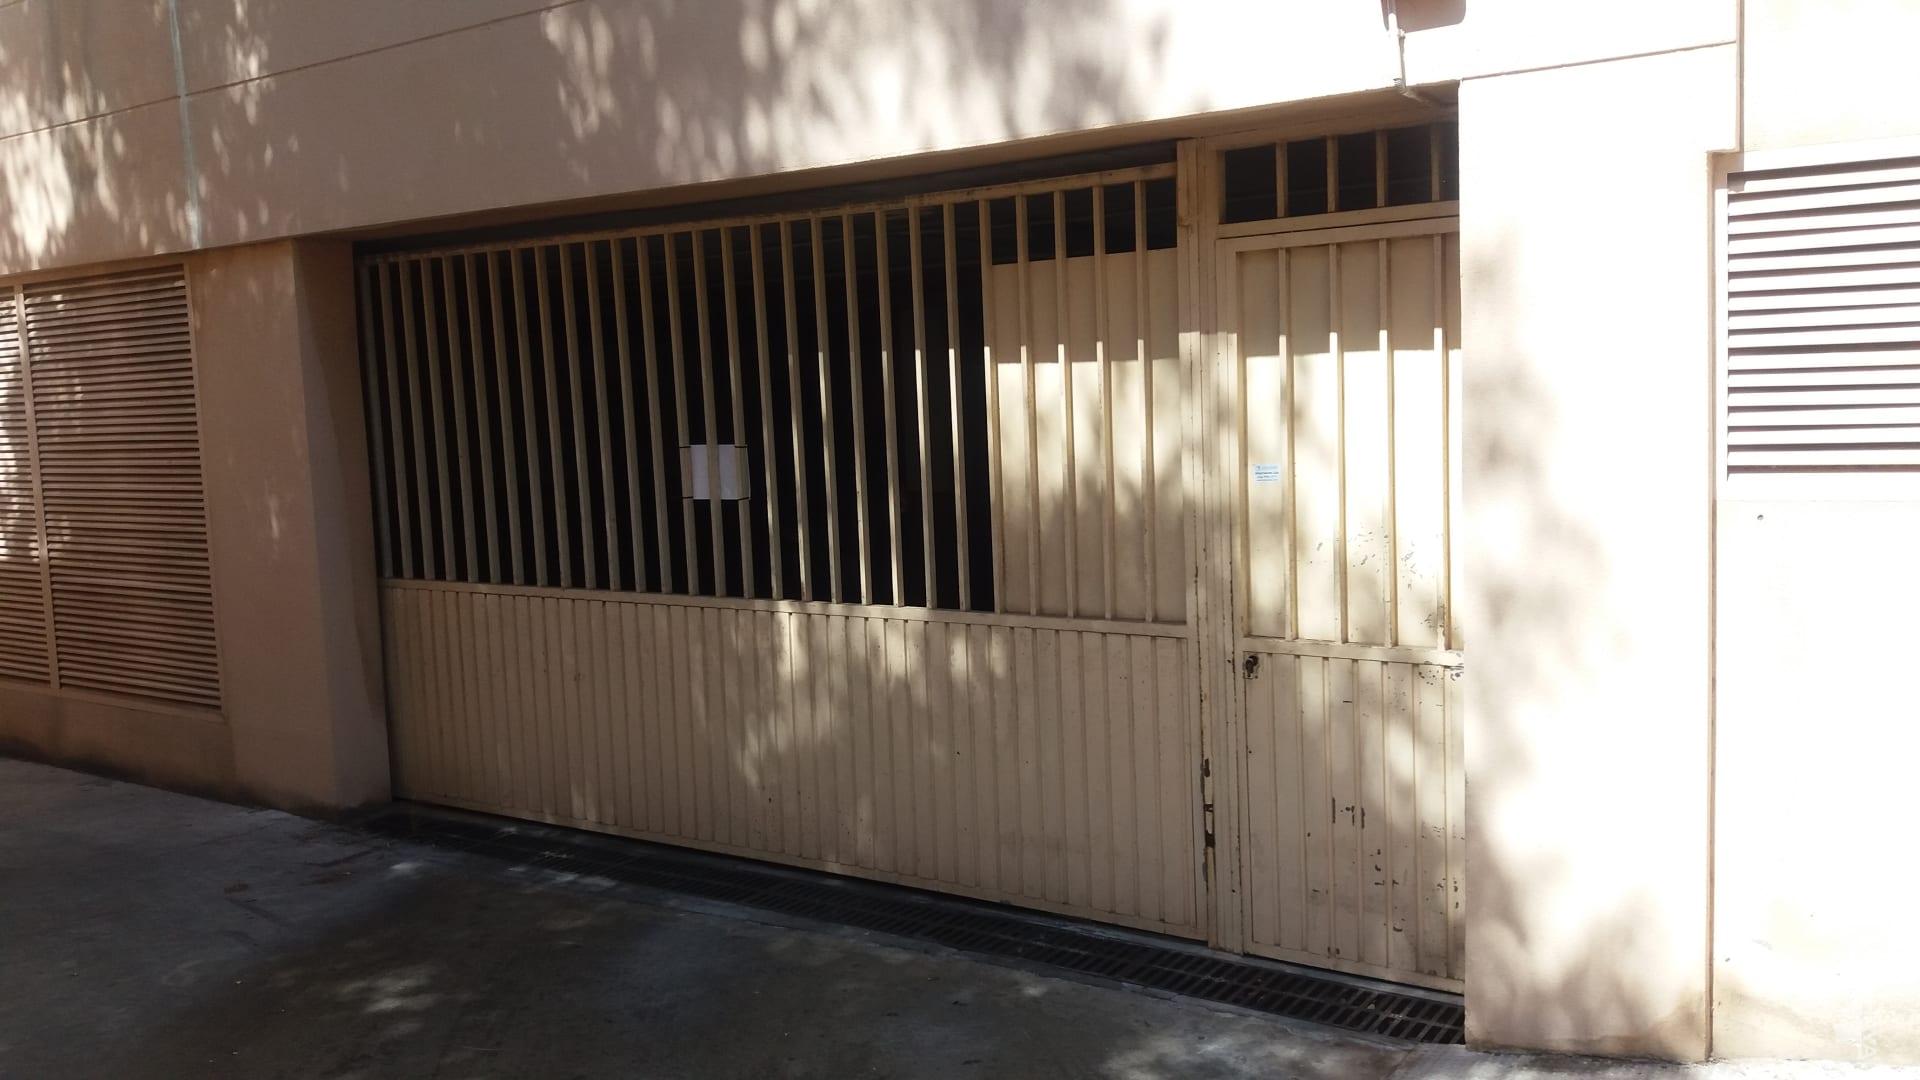 Parking en venta en El Rinconcillo, Algeciras, Cádiz, Calle A de 6ue17 Palmones, S/n, 25.200 €, 54 m2